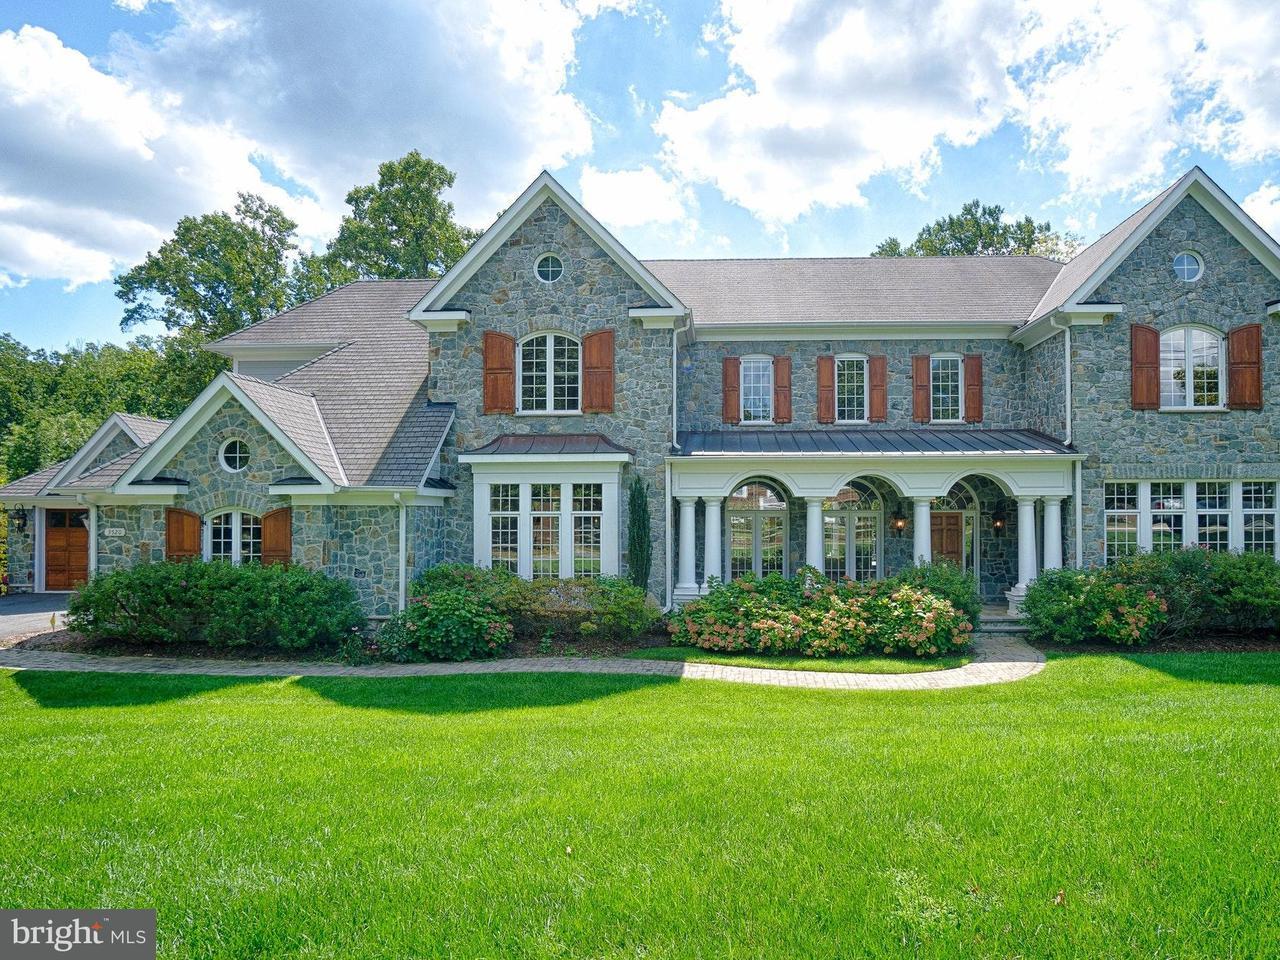 獨棟家庭住宅 為 出售 在 3520 Roberts Lane 3520 Roberts Lane Arlington, 弗吉尼亞州 22207 美國